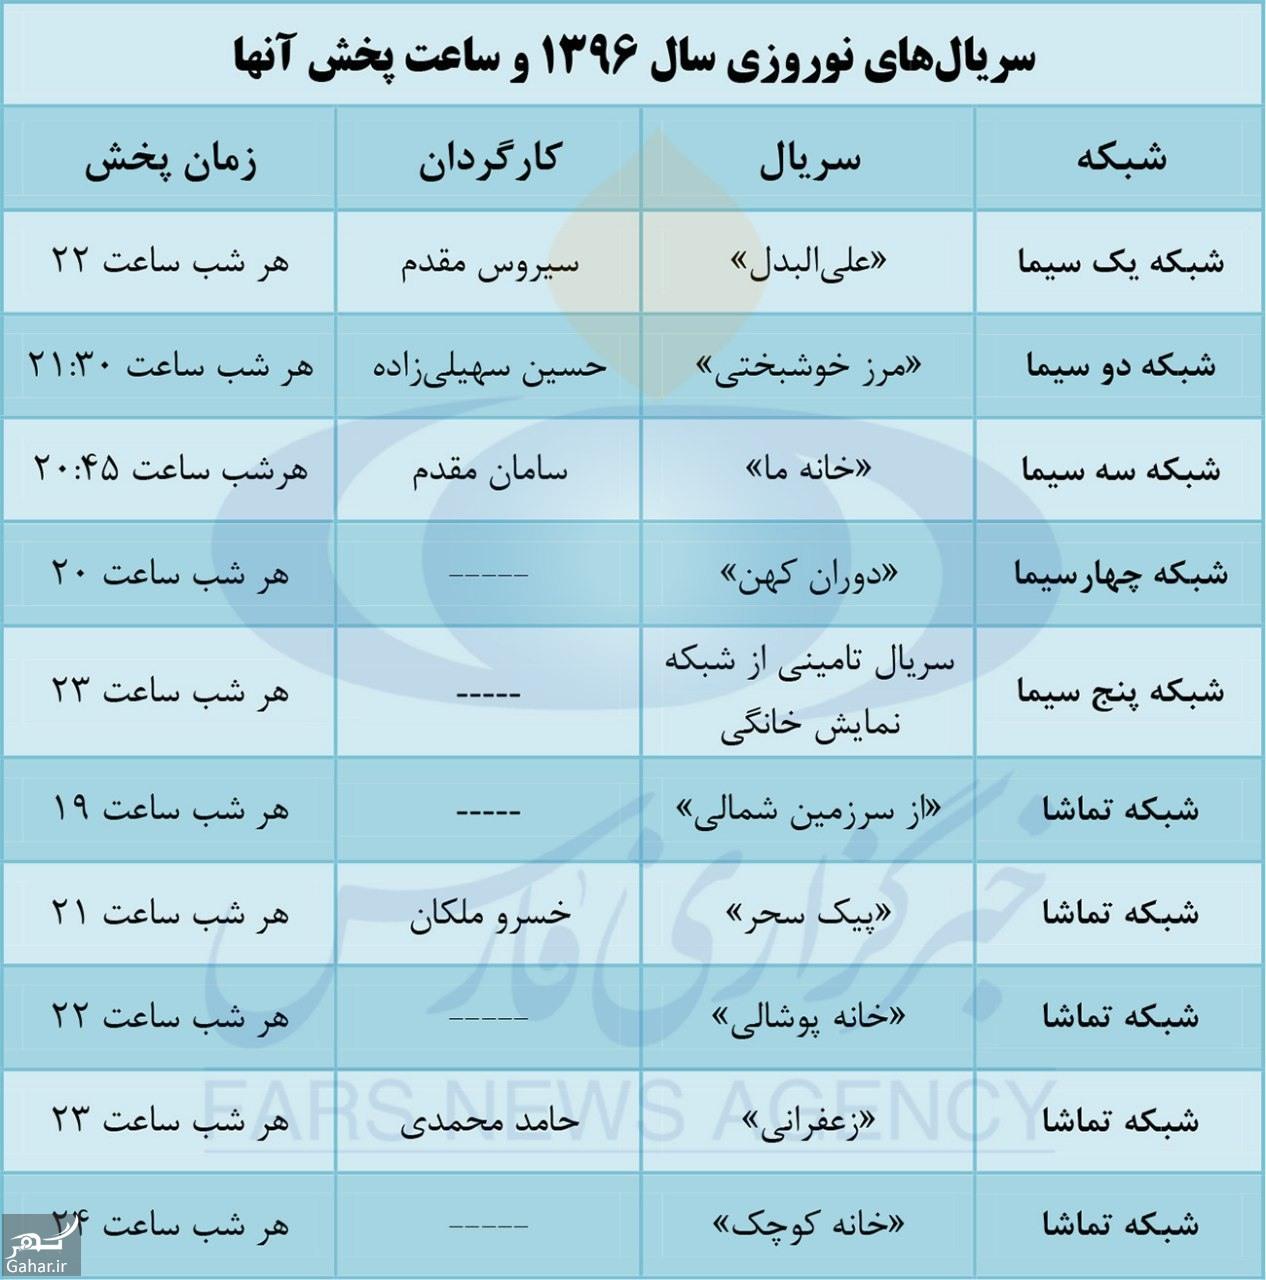 جدول پخش سریال های نوروز 96 همه شبکه ها www.vaharan.ir  ساعت پخش سریال های نوروزی مشخص شد